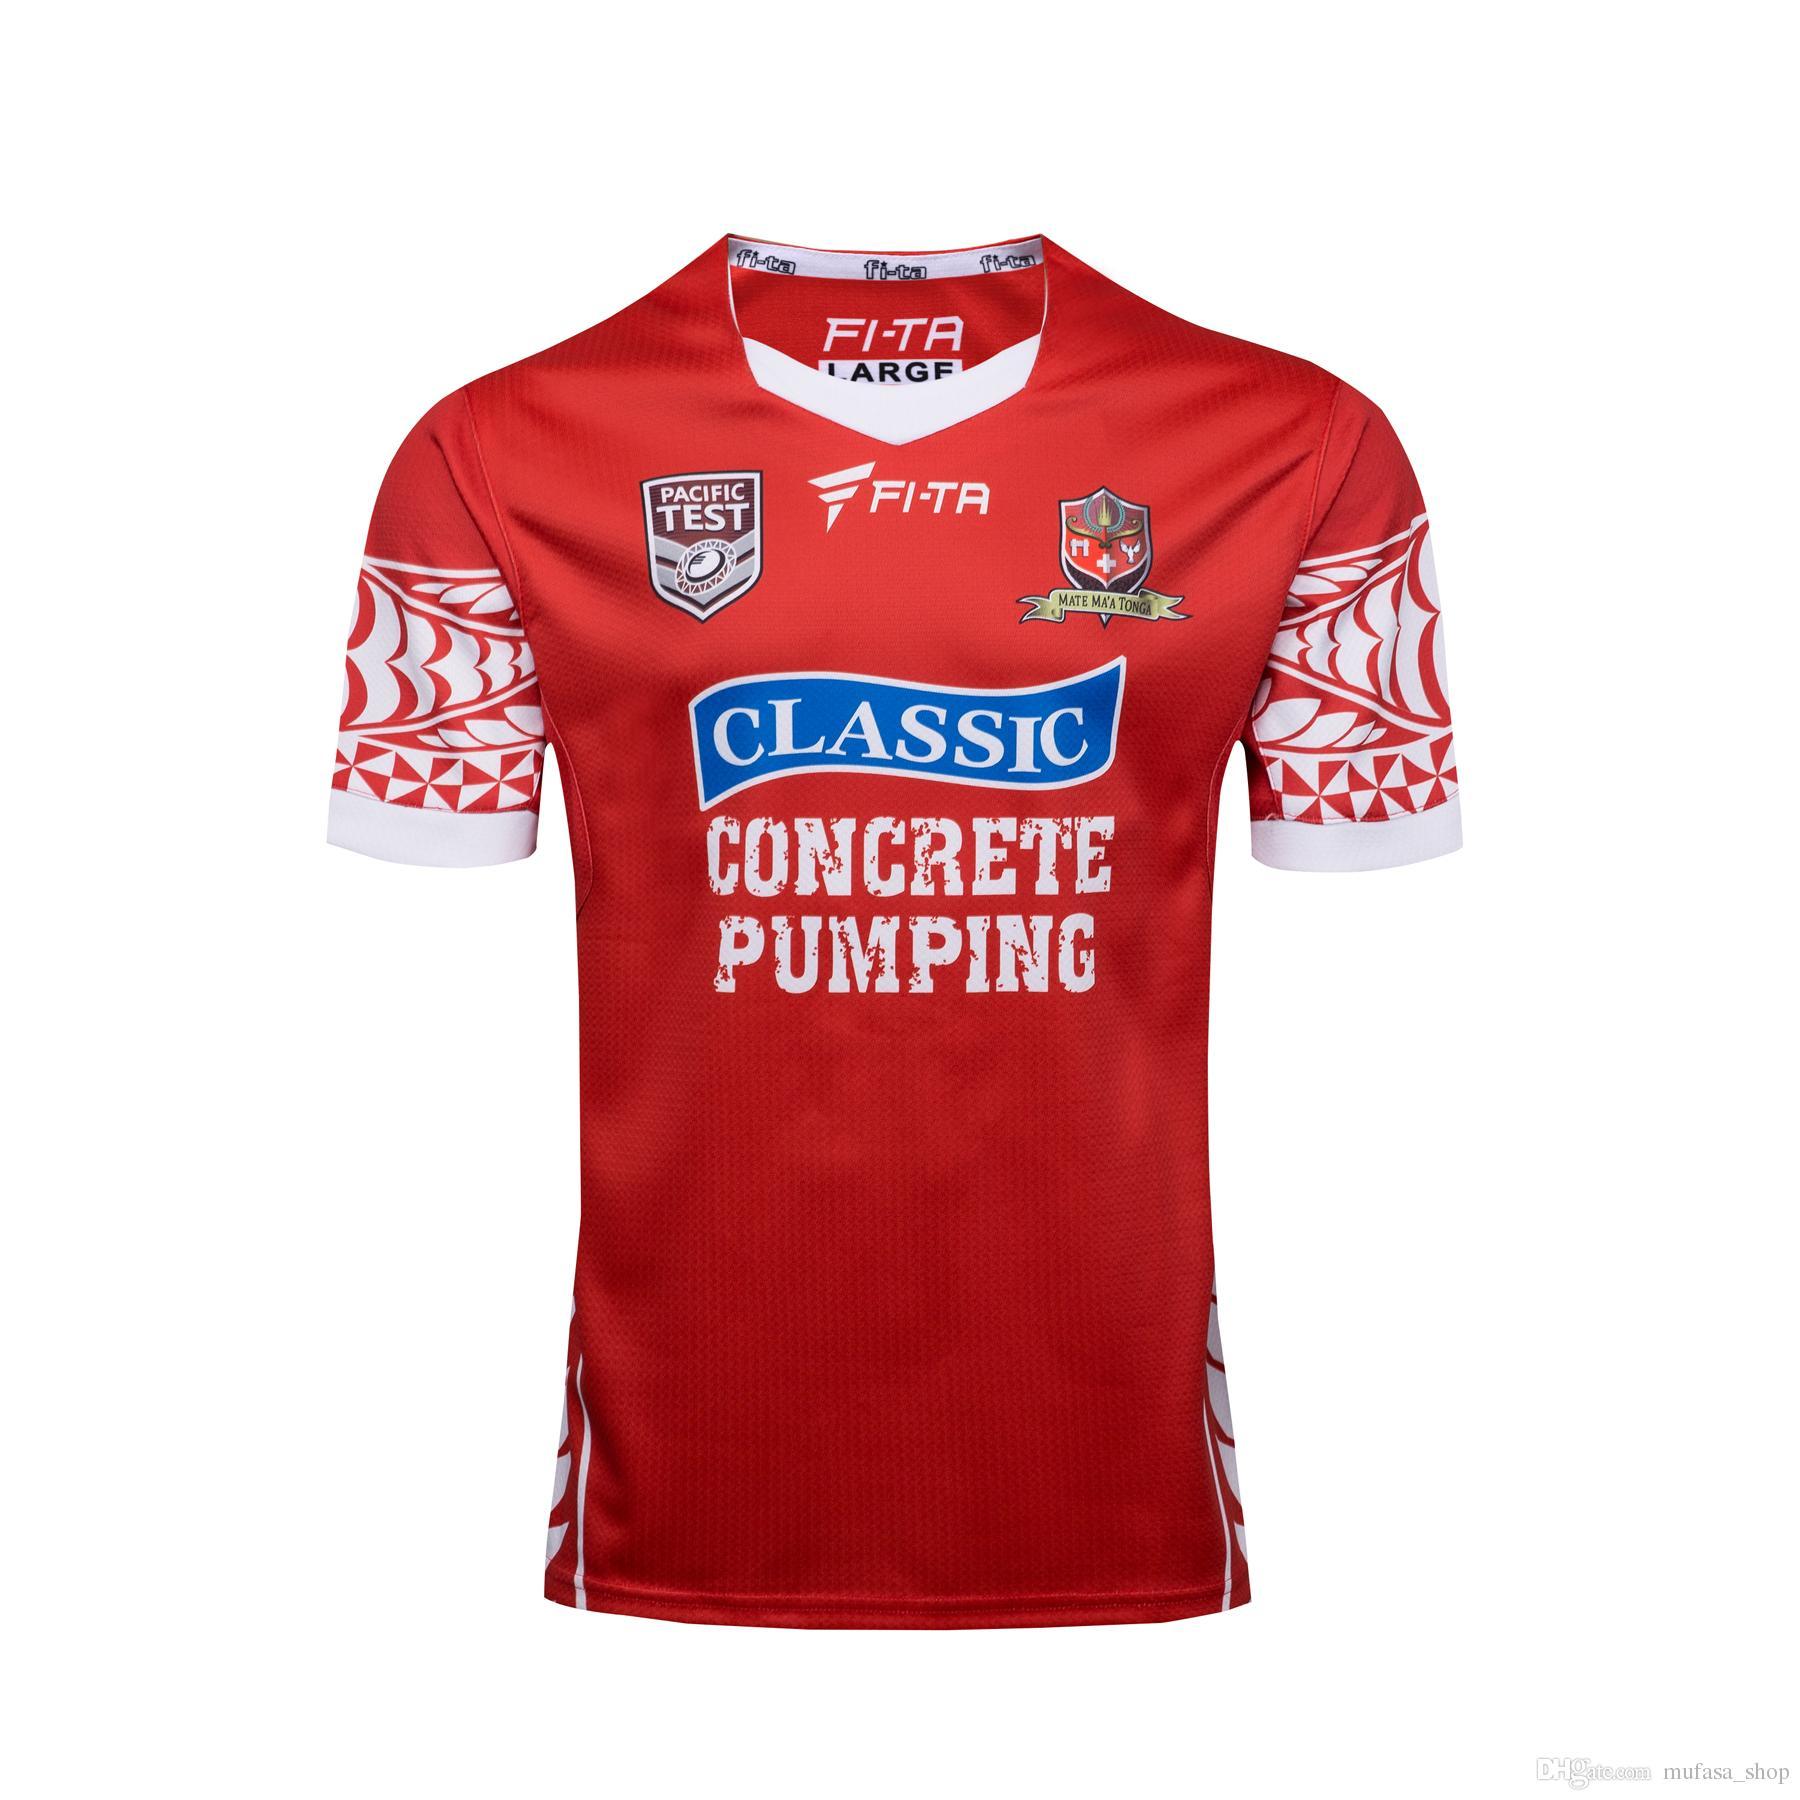 c0eccec8409 2019 Tonga Jersey 2017 Rugby Shirt TONGA Rugby Jerseys League Shirts From  Mufasa shop